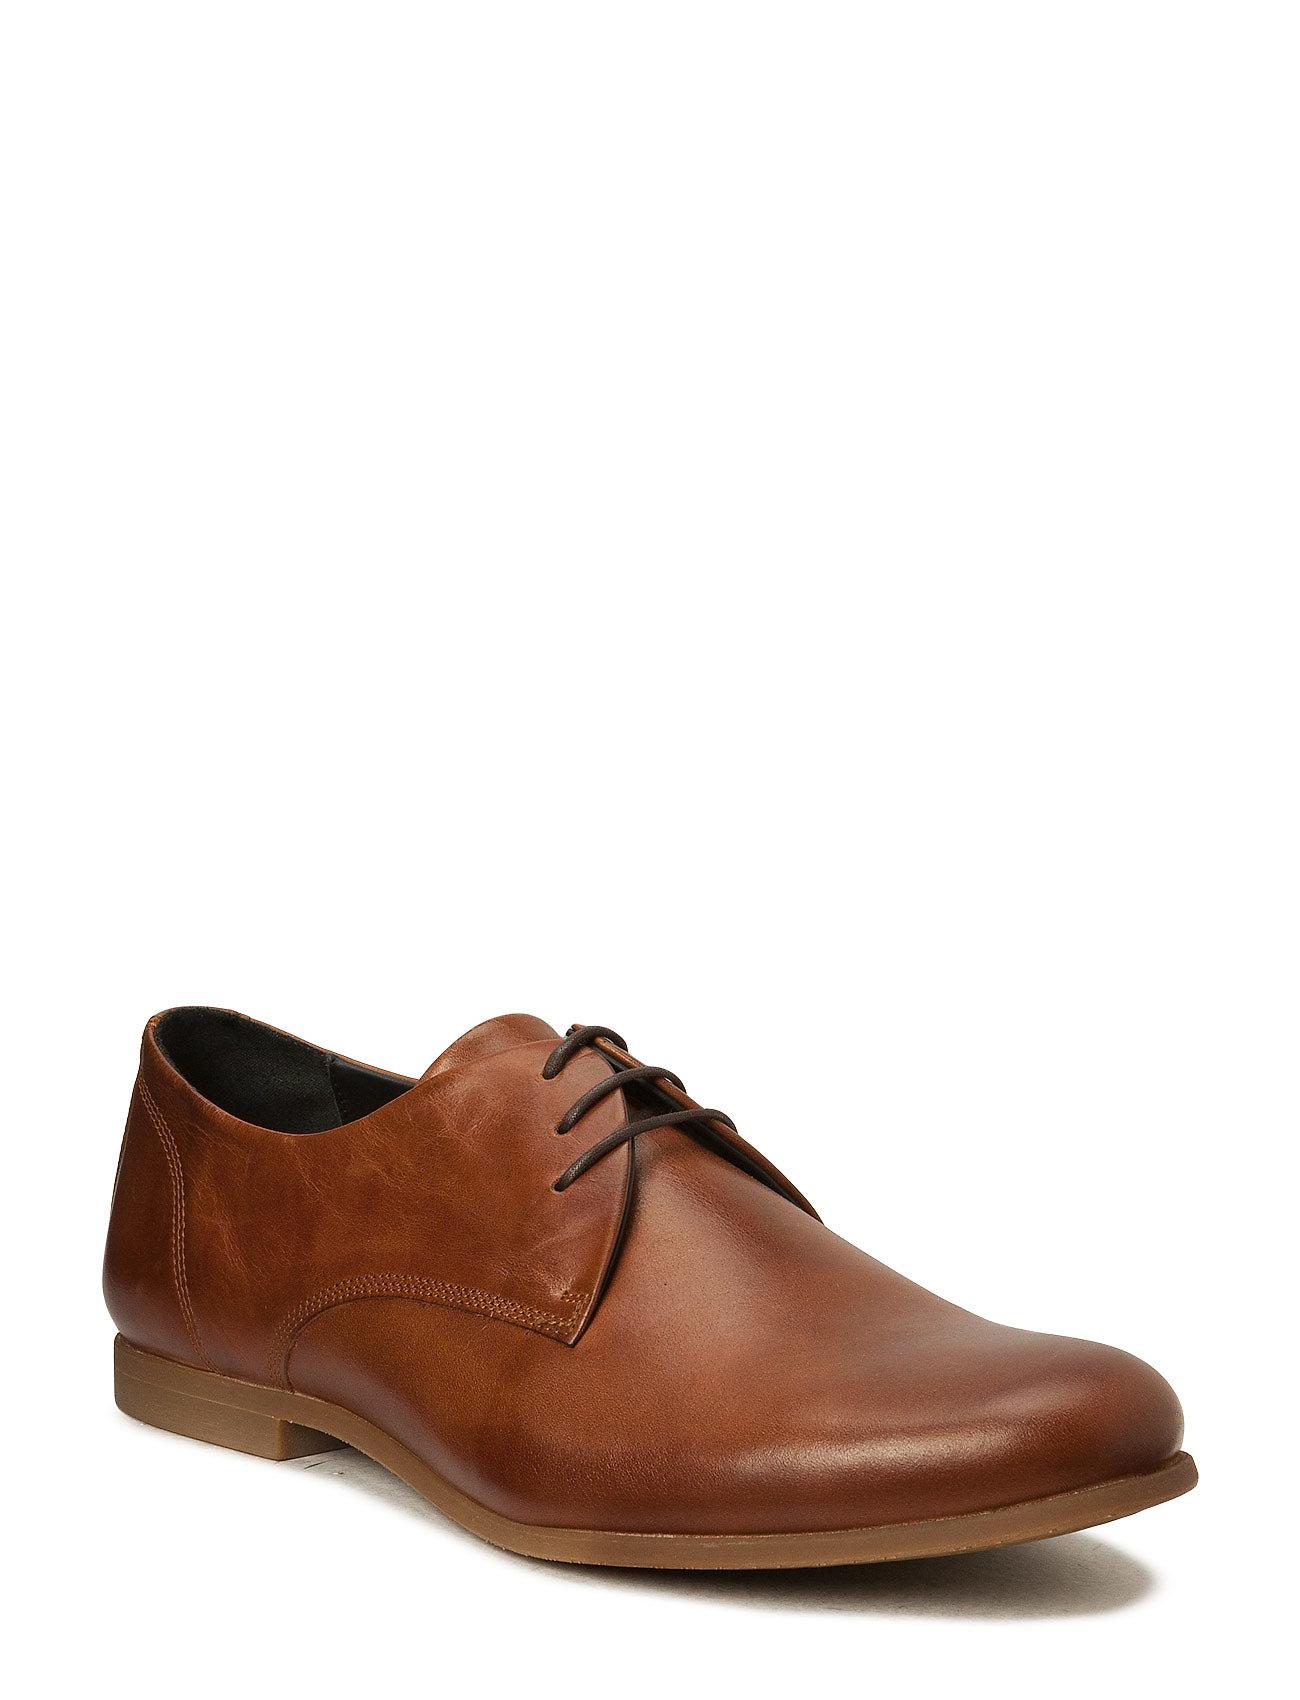 Image of Cast Derby Shoe Shoes Business Laced Shoes Brun Royal RepubliQ (3333161797)